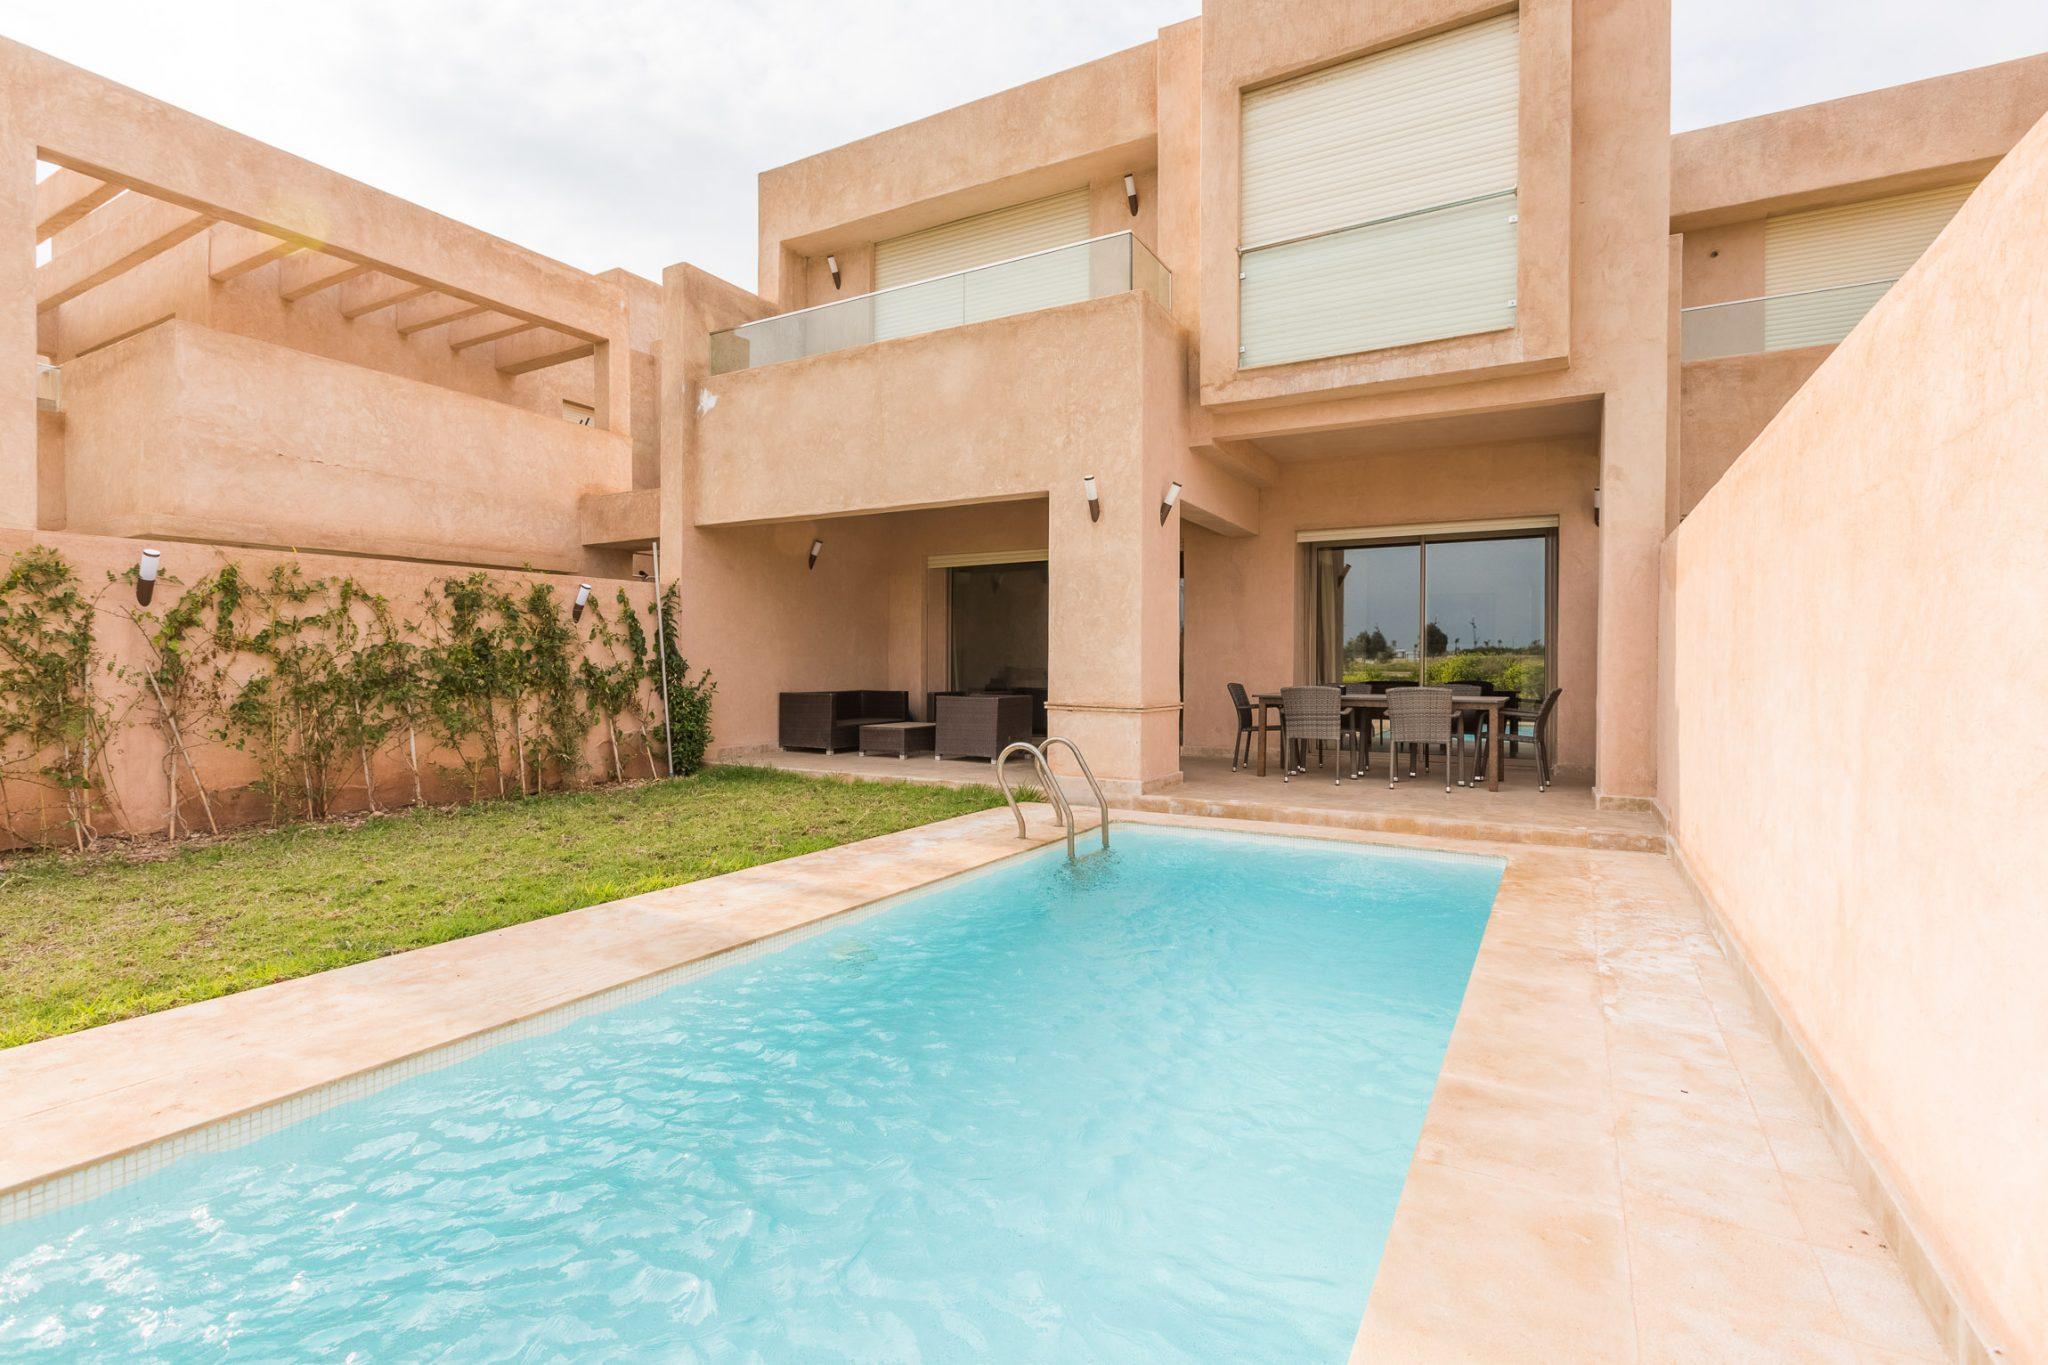 appartement a louer a marrakech avec piscine location